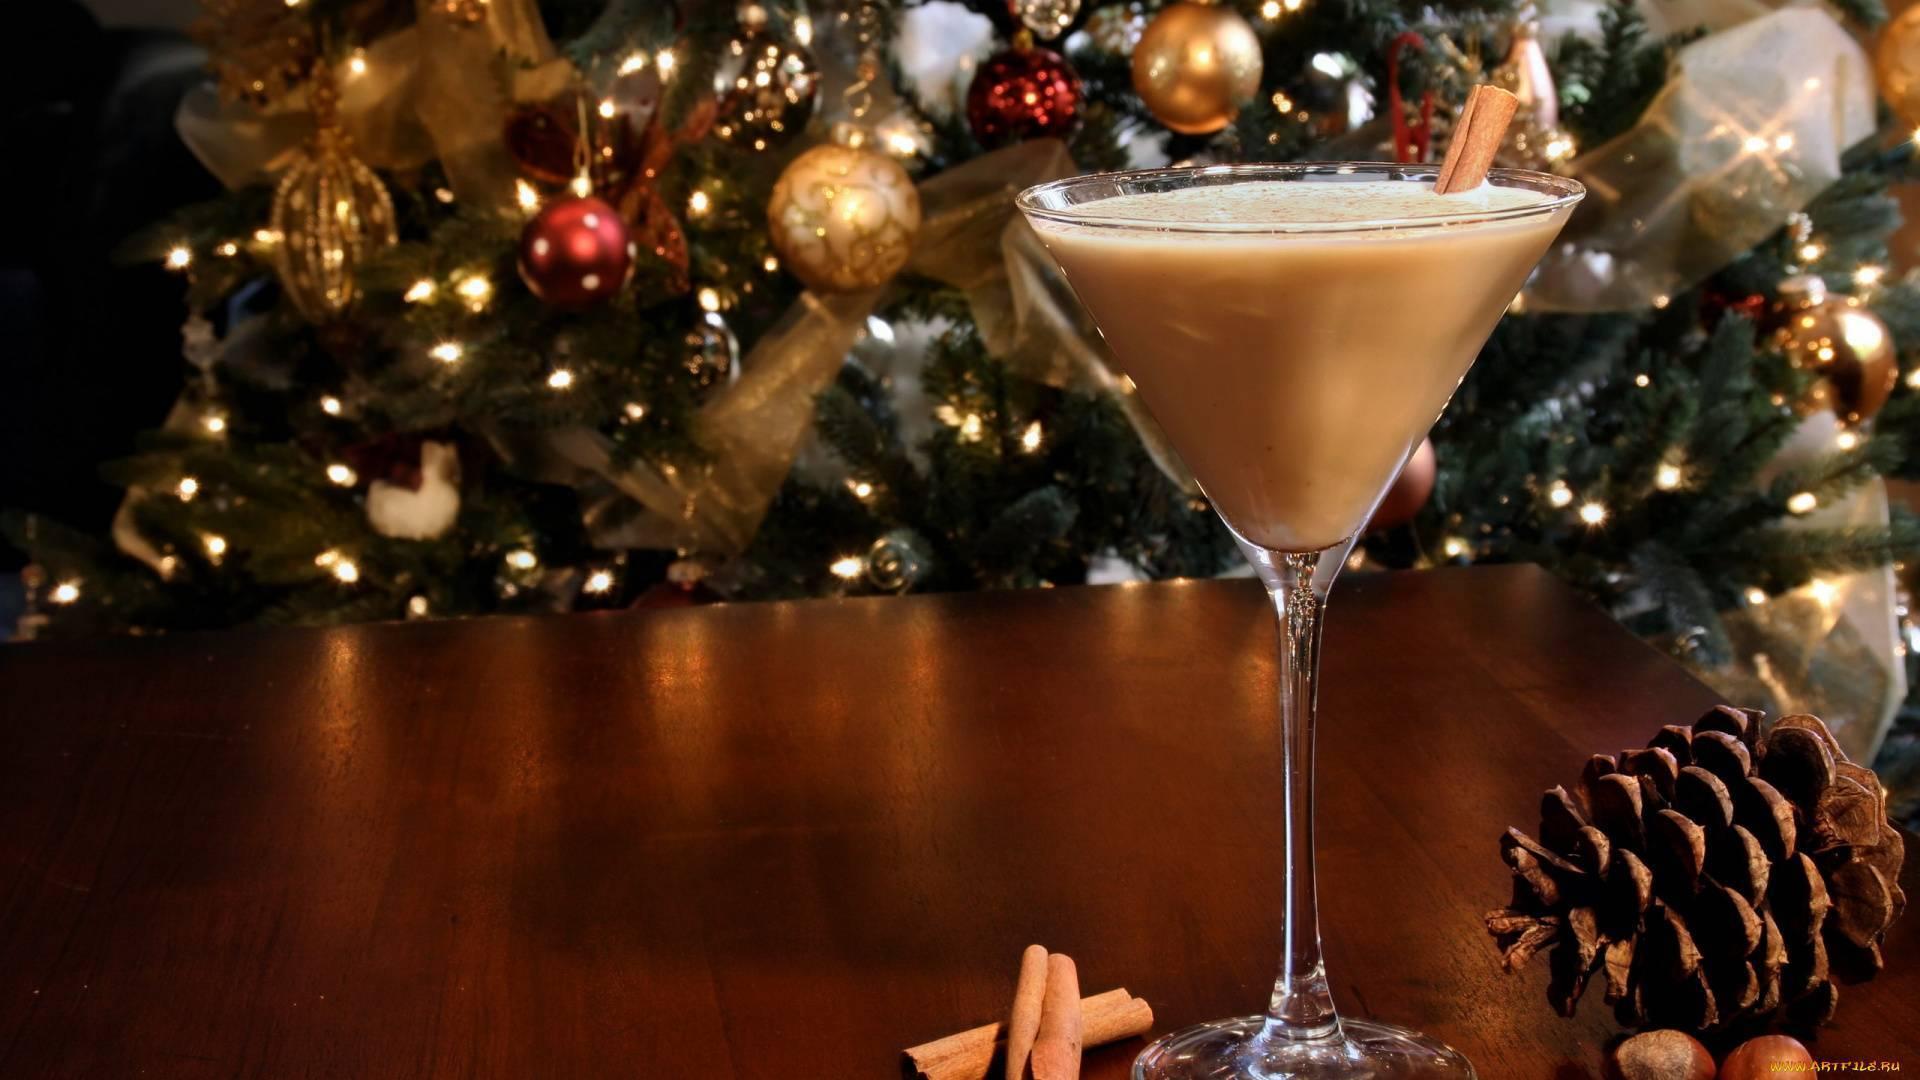 Безалкогольные напитки на новый год рецепты. горячие и молочные напитки. новогодние безалкогольные напитки